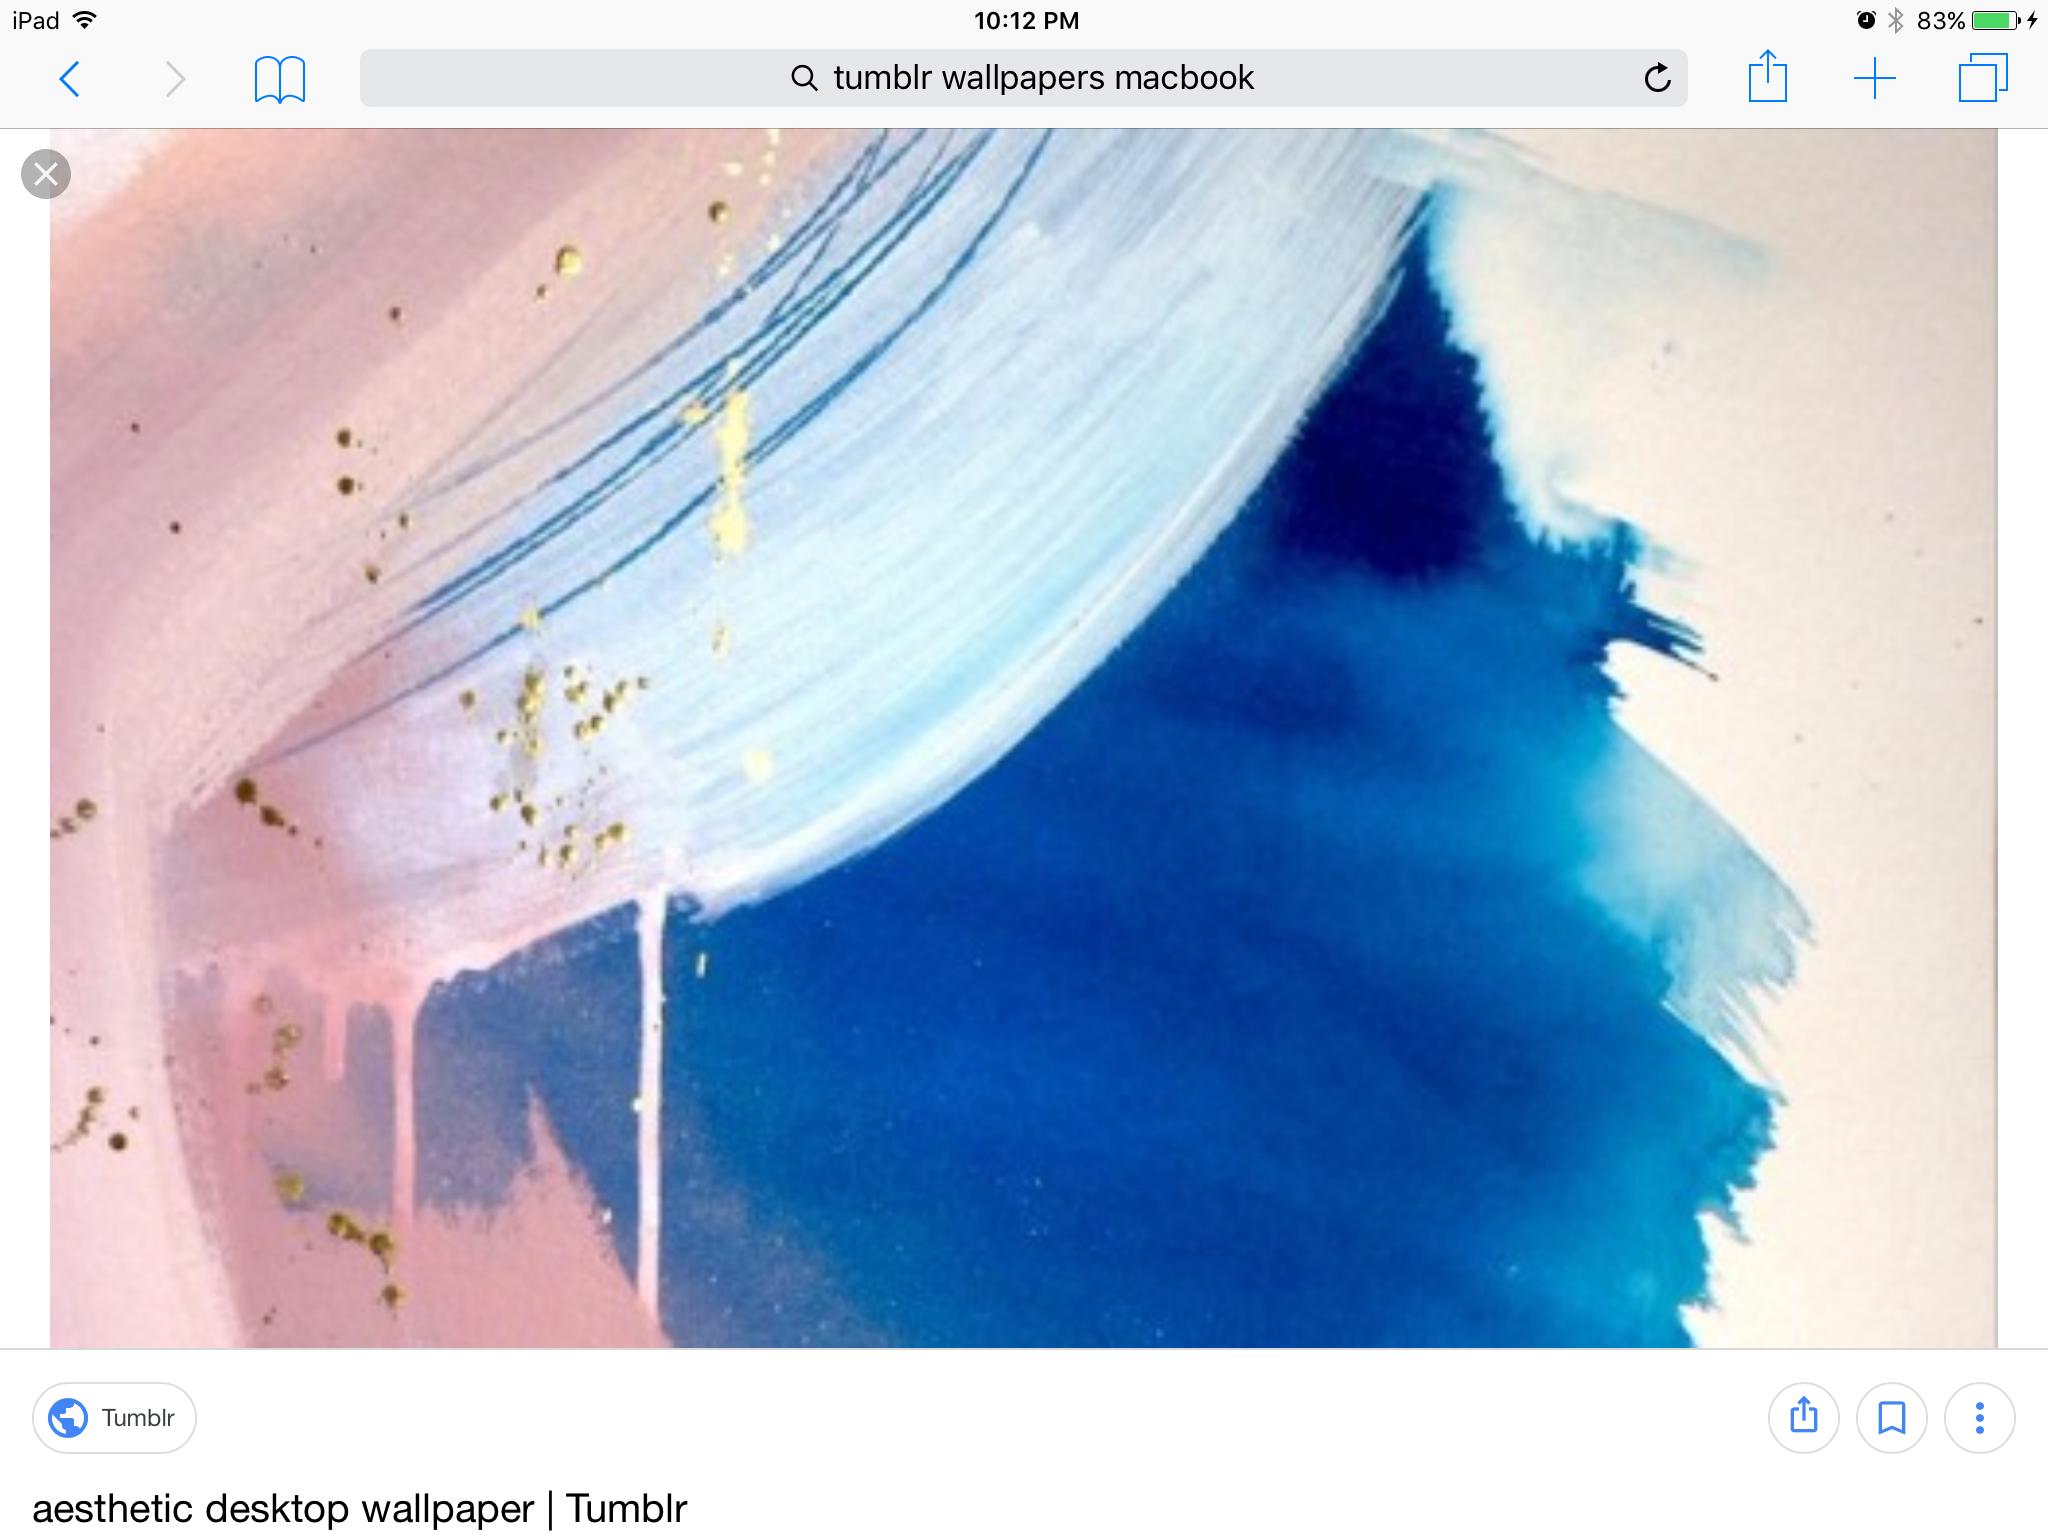 Good Wallpaper Macbook Aesthetic - 93f5e03652a86d8d20c34275a26cf2a8  Picture_543897.png